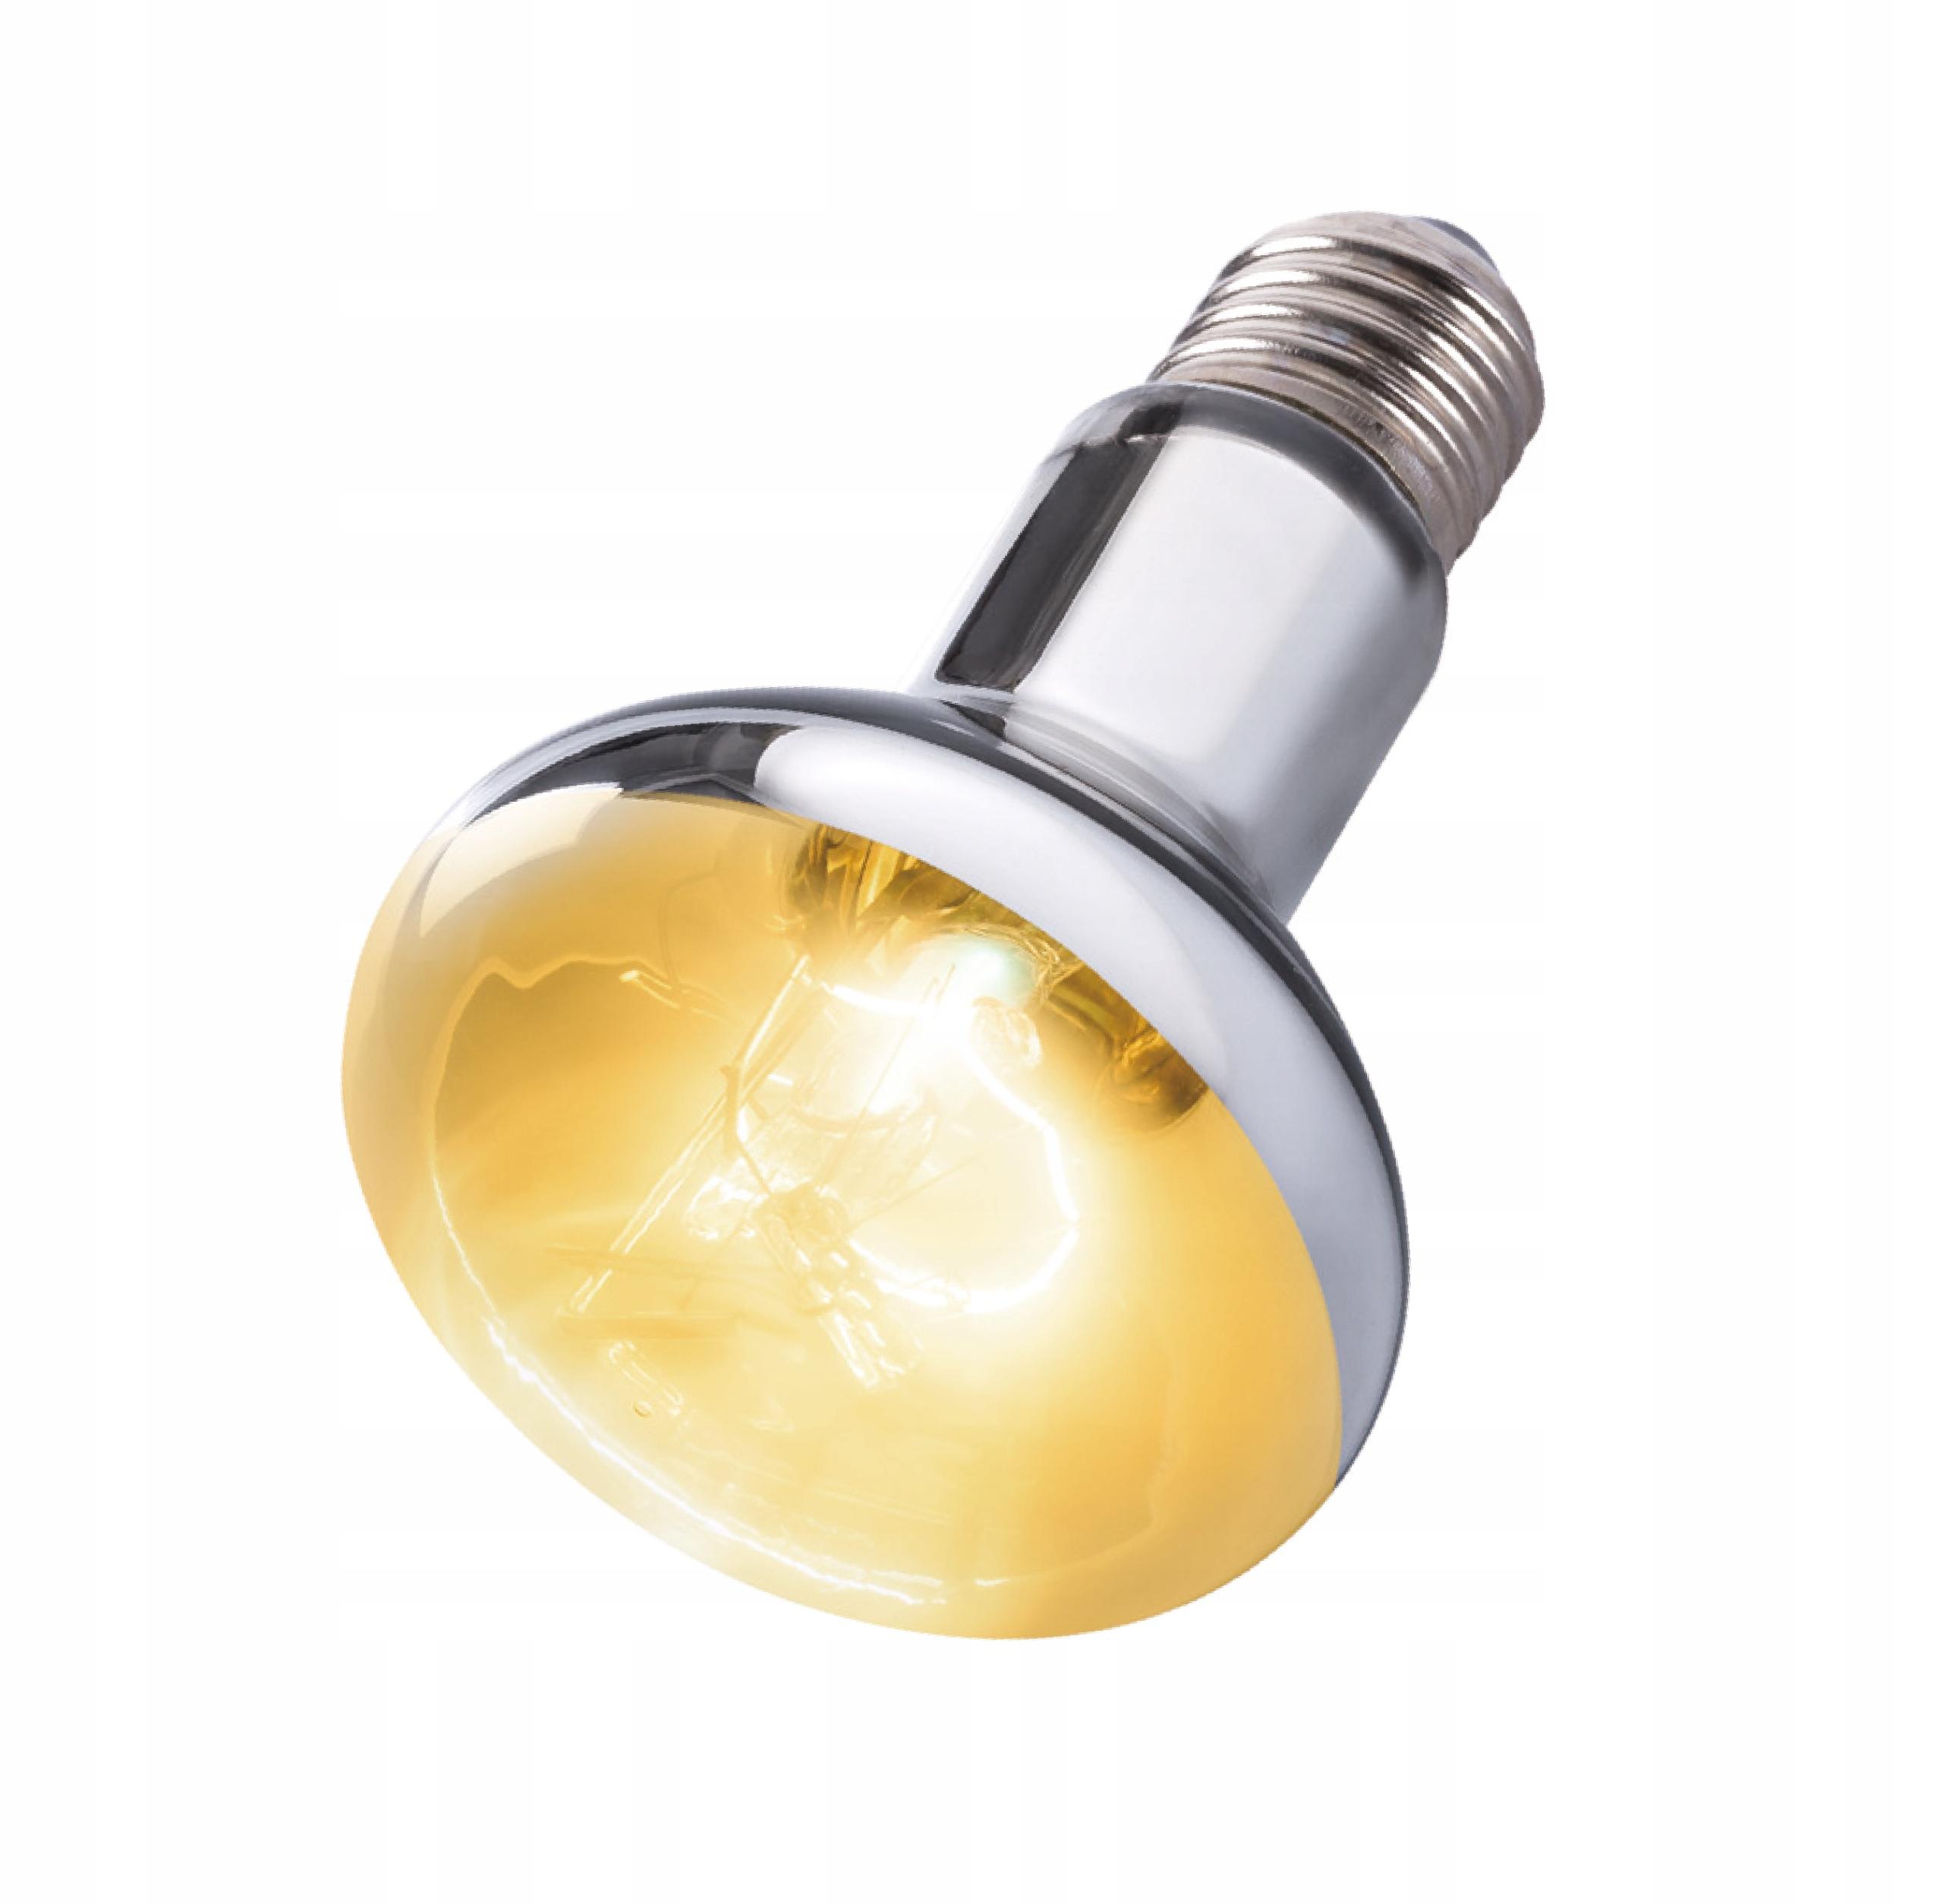 HALOGEN GRZEWCZY 160W LAMPA ŻAROWO RTĘCIOWA ZOO